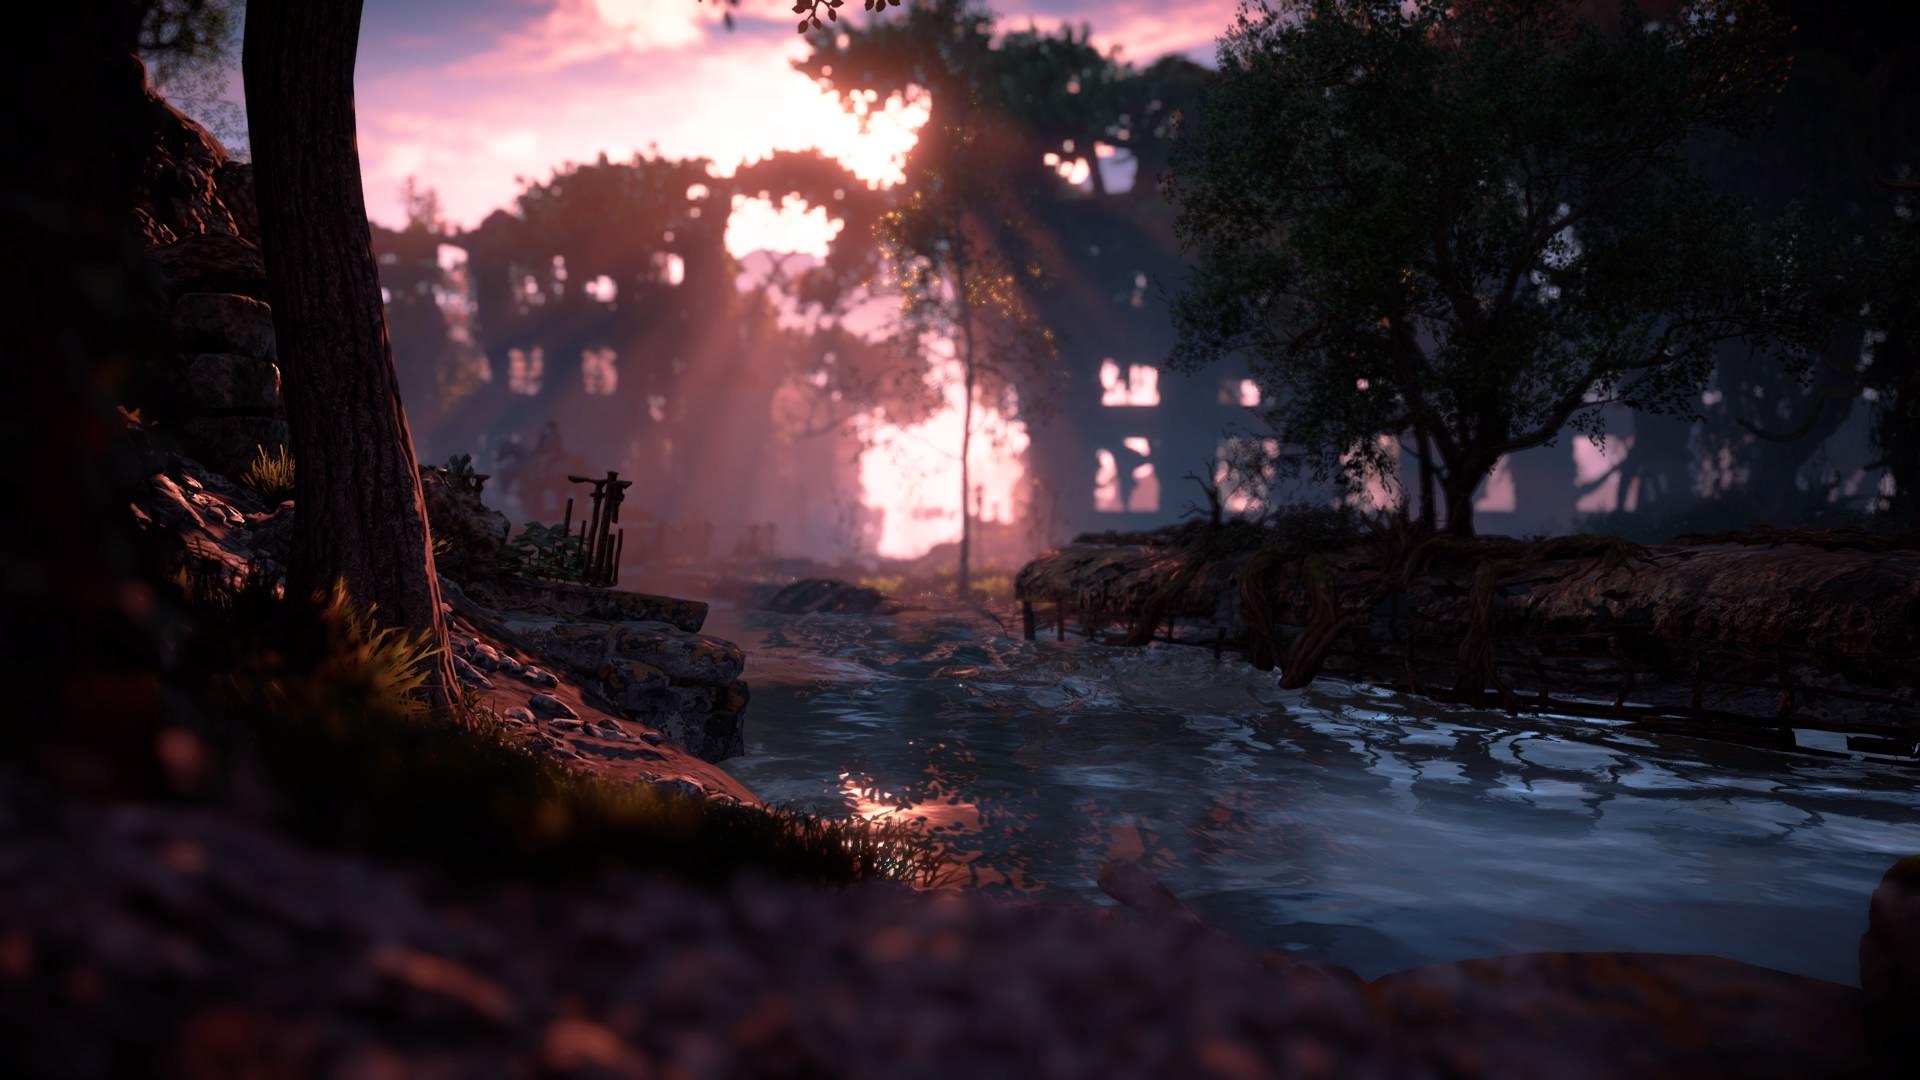 Die Welt in Horizon: Zero Dawn ist wunderschön. (Bild: Marina Schölzel, erstellt mit Photomode des Spiels)